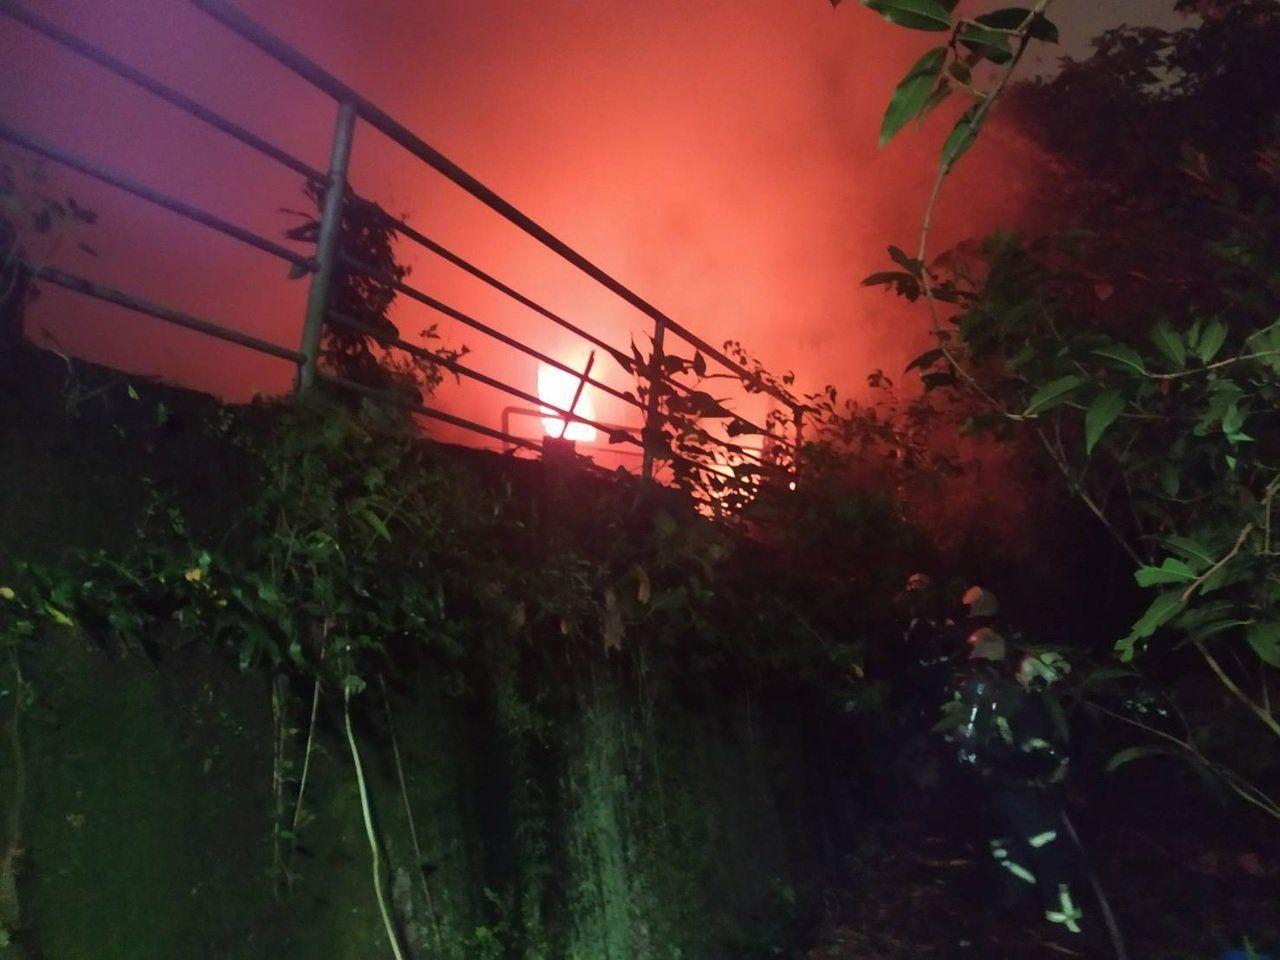 台北市中山北路四段一處宮廟旁民宅,今年近10點發生大火,警消趕抵現場救出一名老婦...